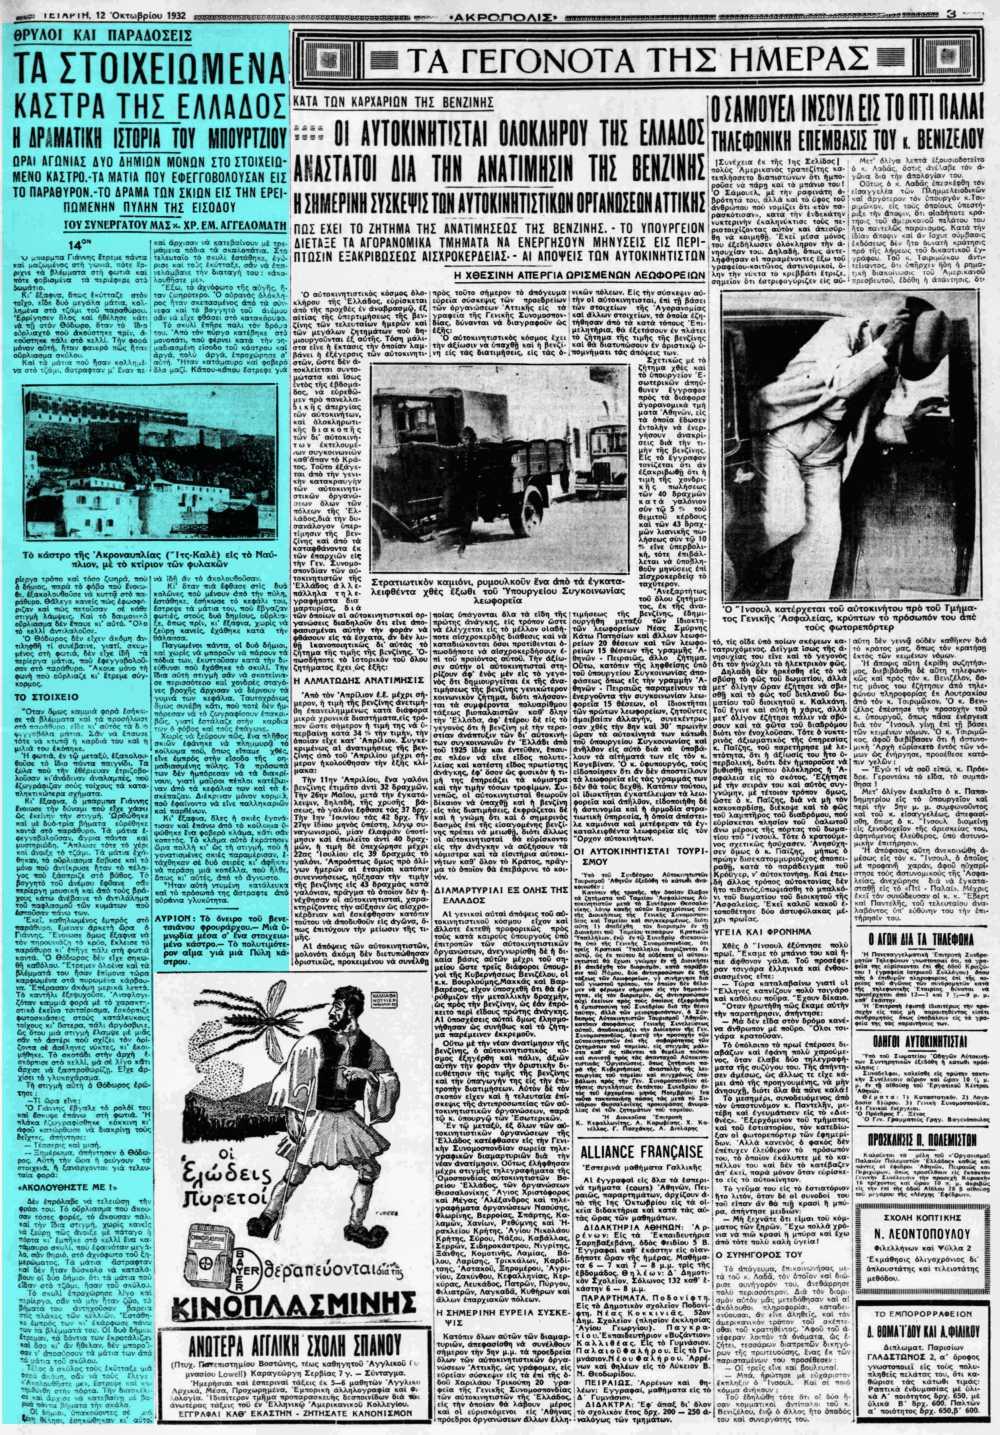 """Το άρθρο, όπως δημοσιεύθηκε στην εφημερίδα """"ΑΚΡΟΠΟΛΙΣ"""", στις 12/10/1932"""